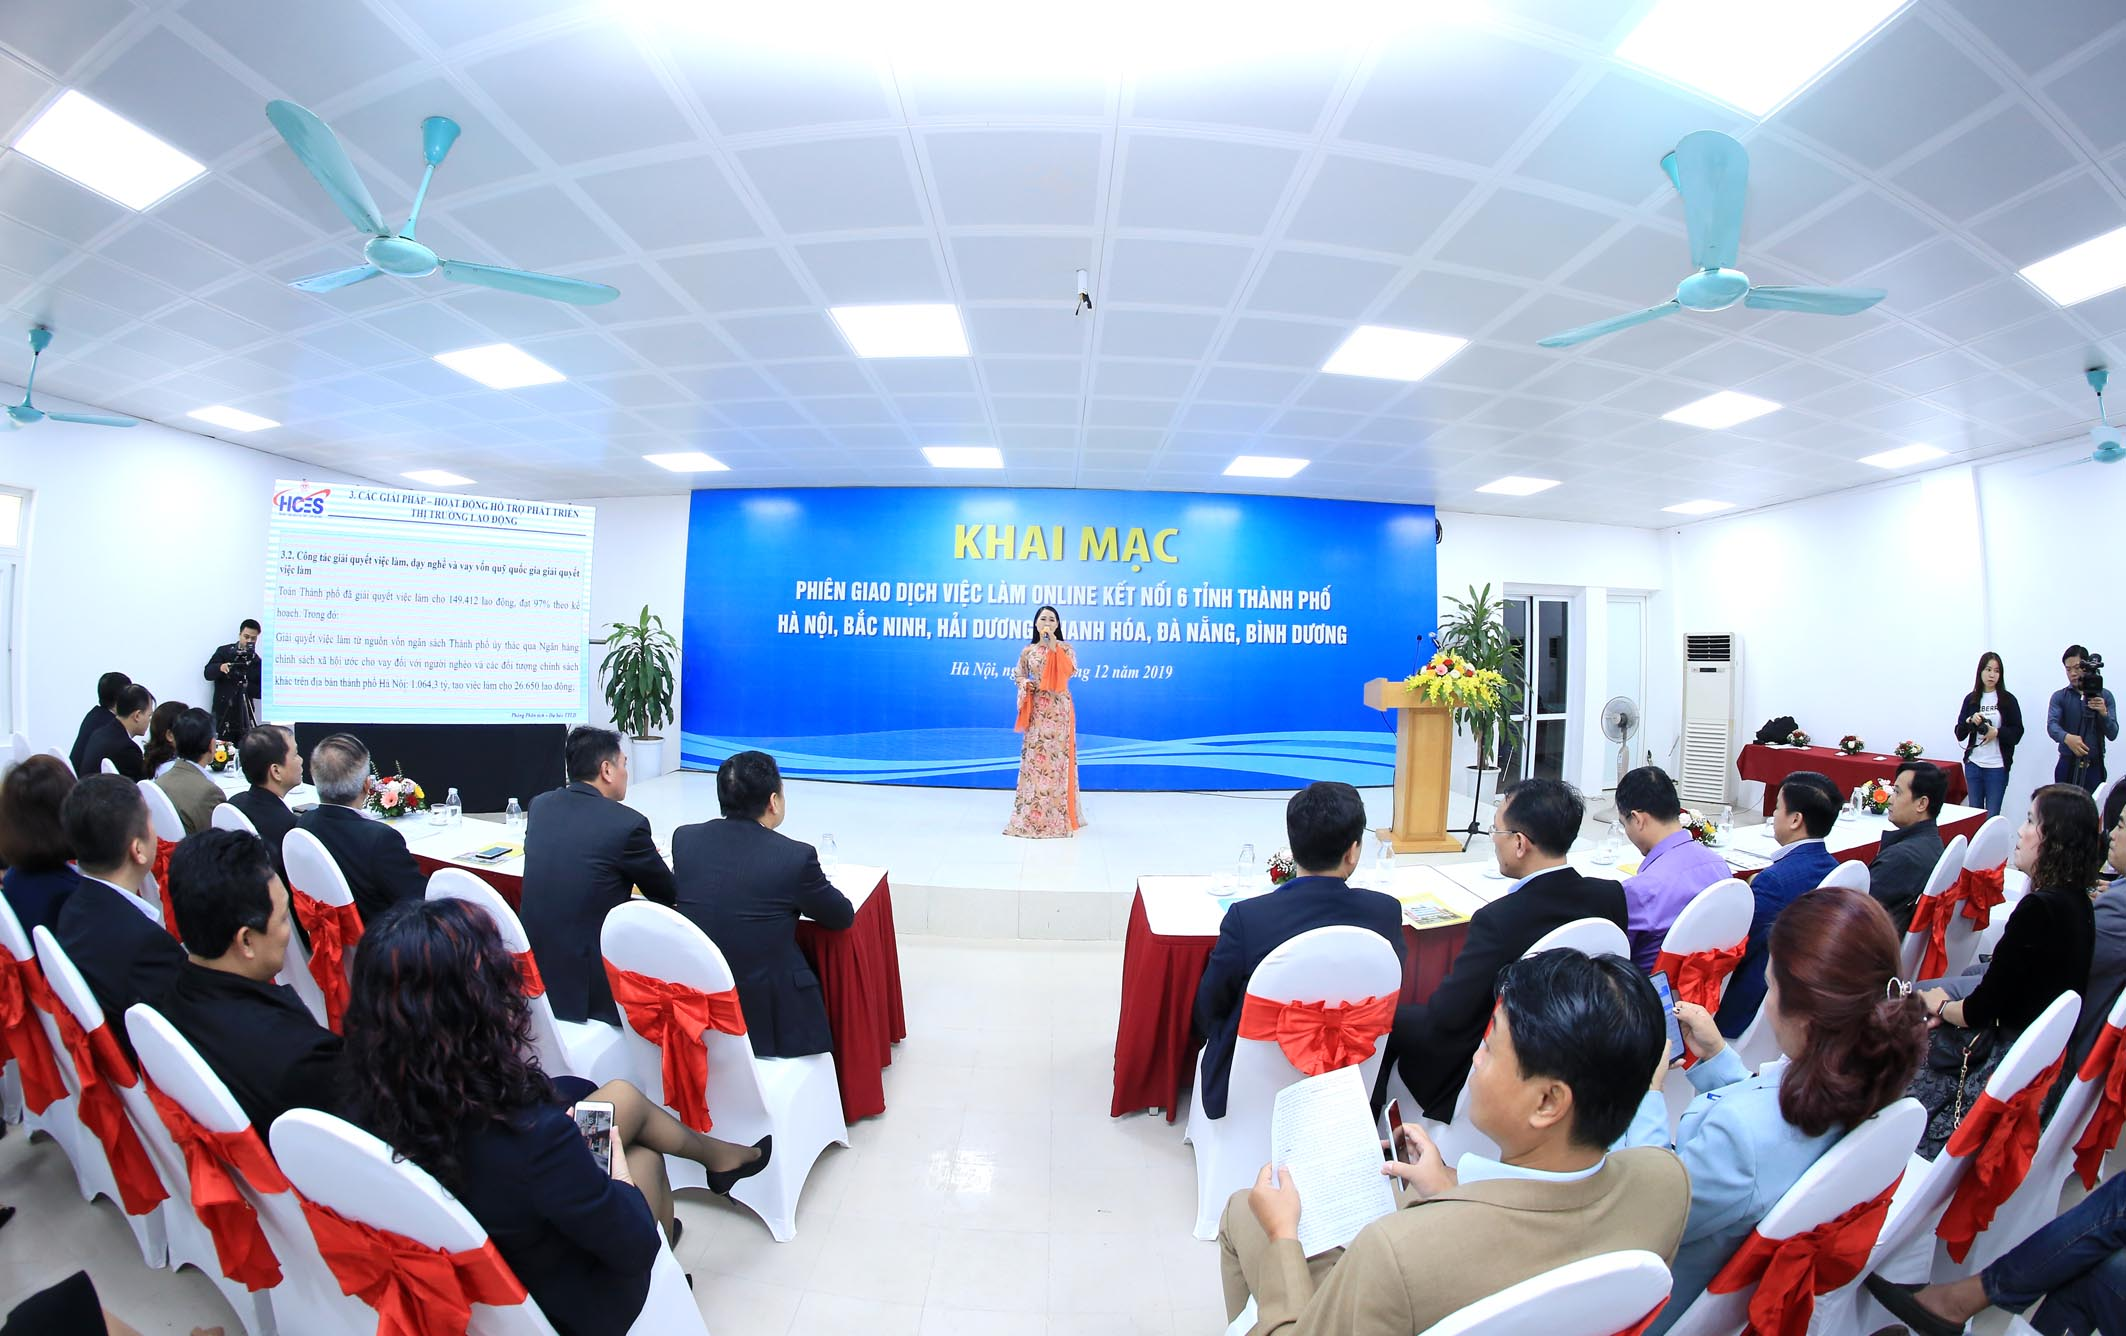 Phiên Giao dịch việc làm online kết nối 6 tỉnh, thành phố